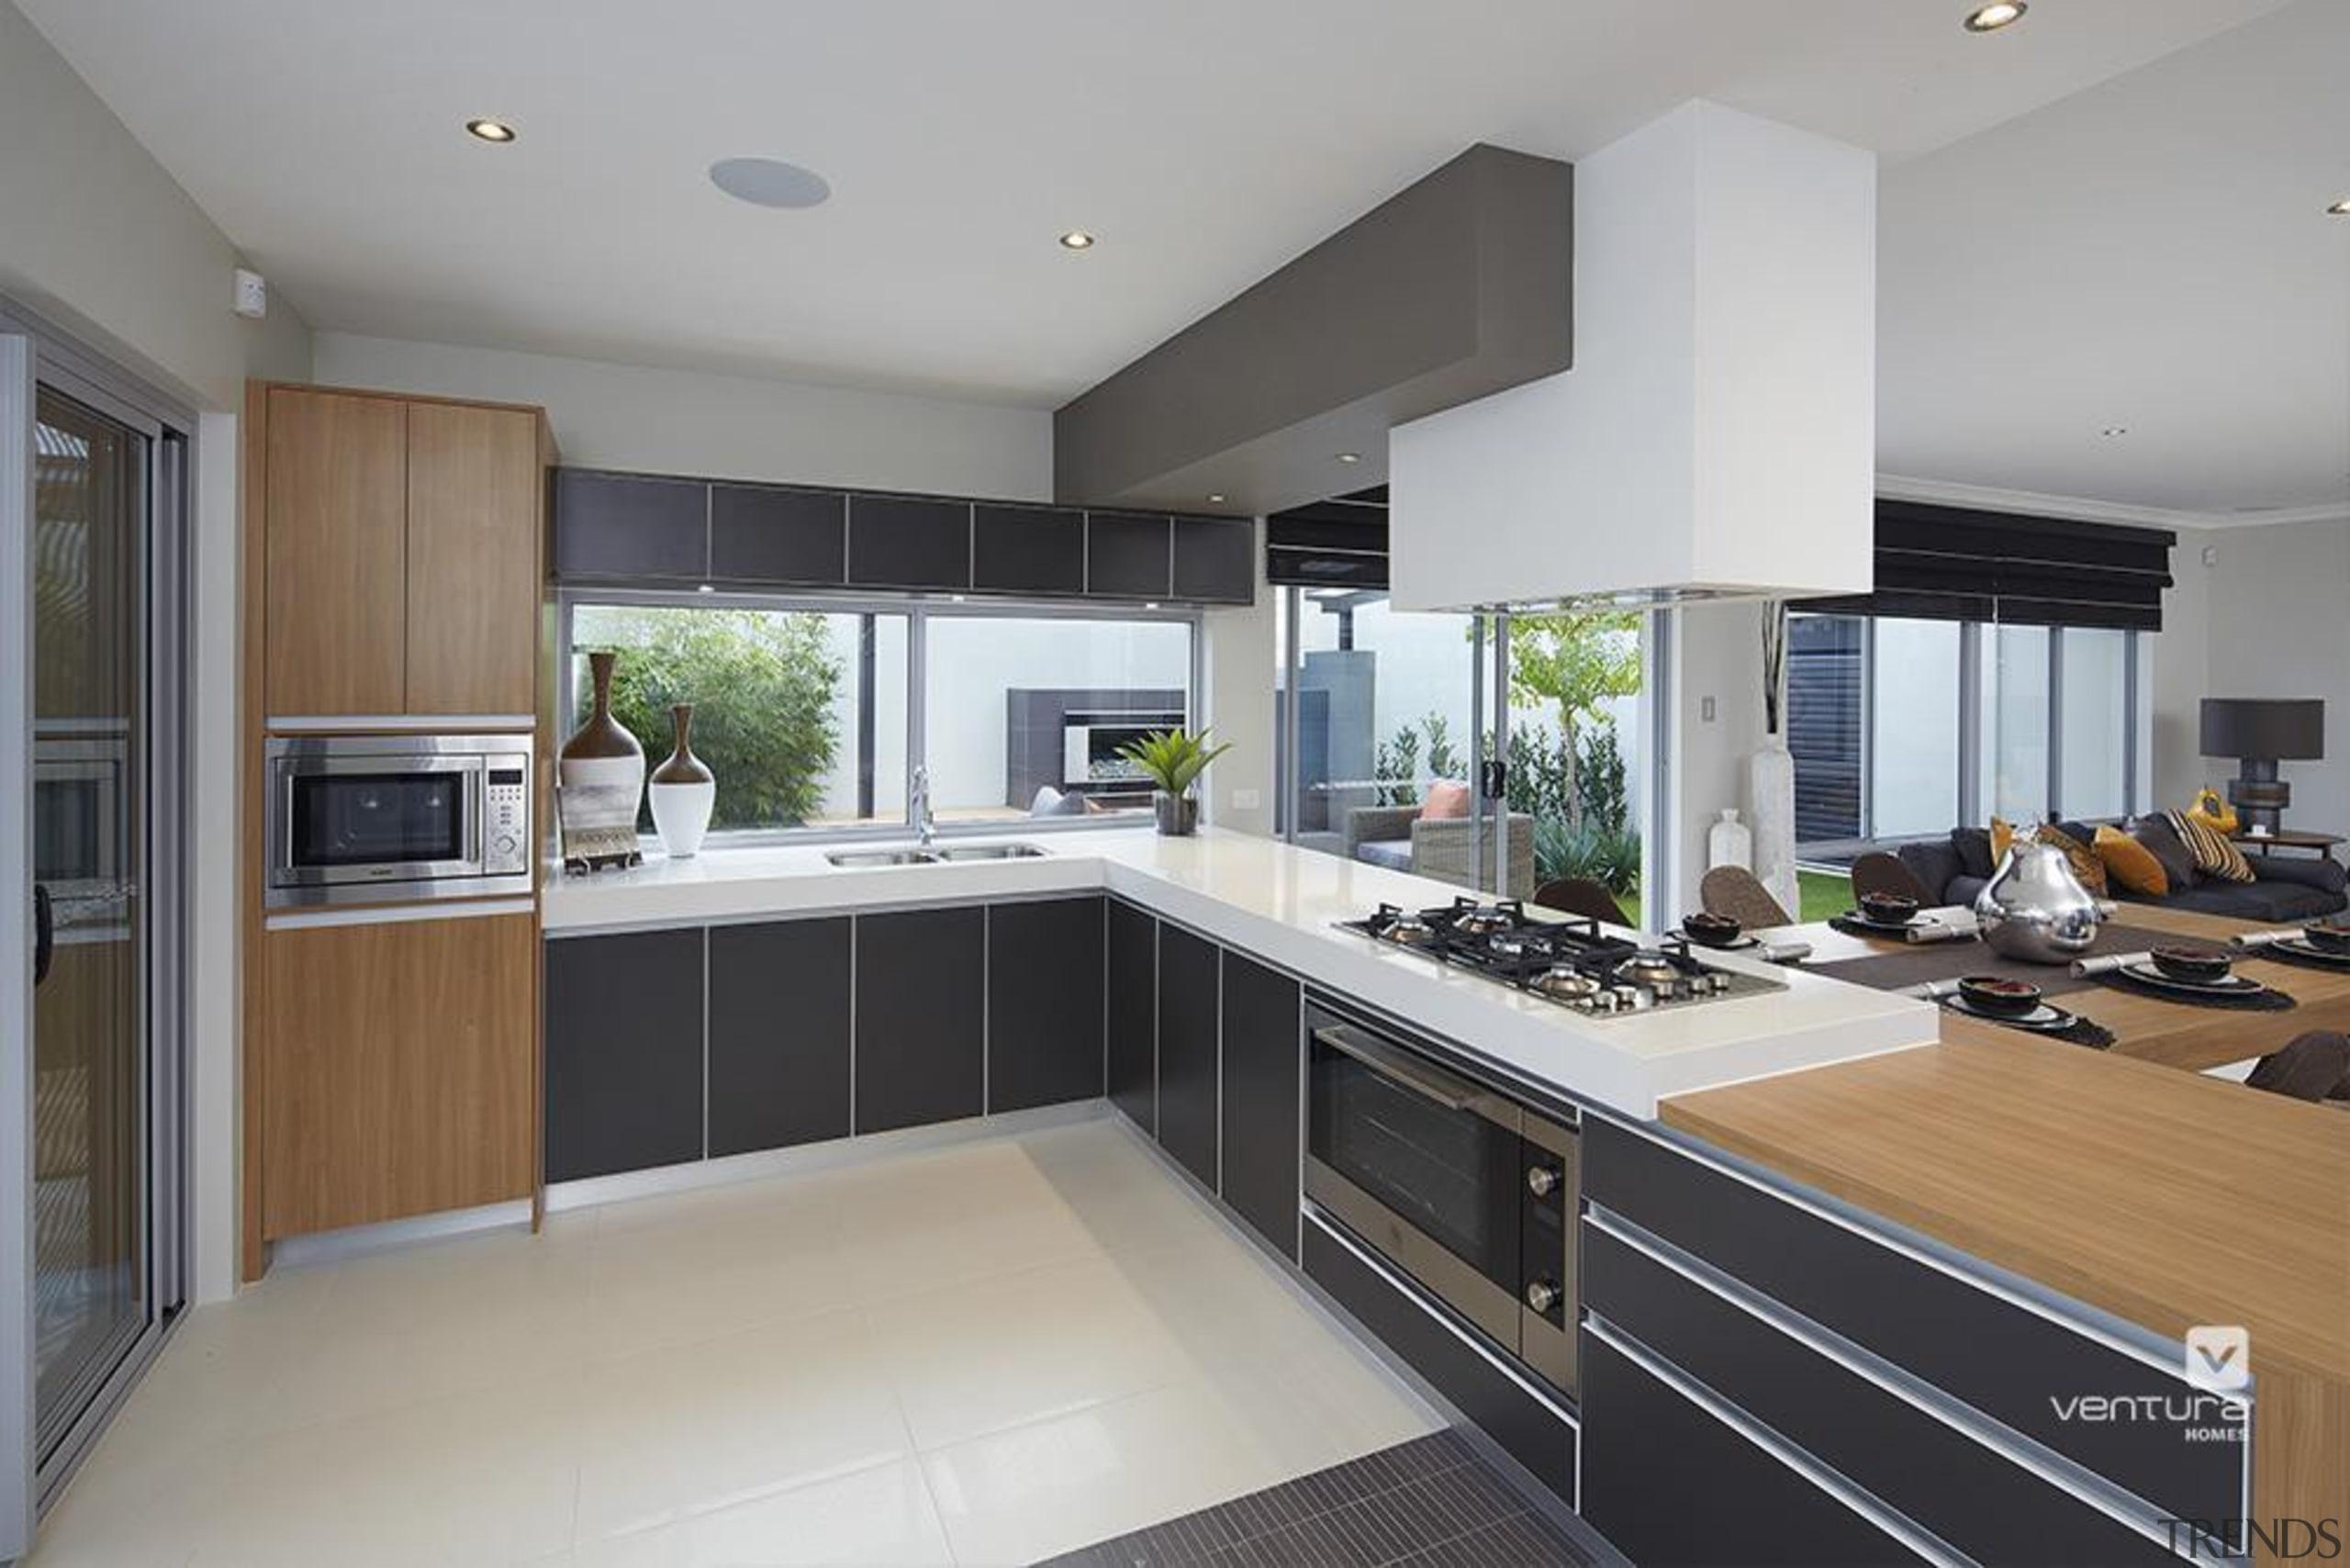 Kitchen design. - The Allure Display Home - countertop, cuisine classique, interior design, kitchen, real estate, gray